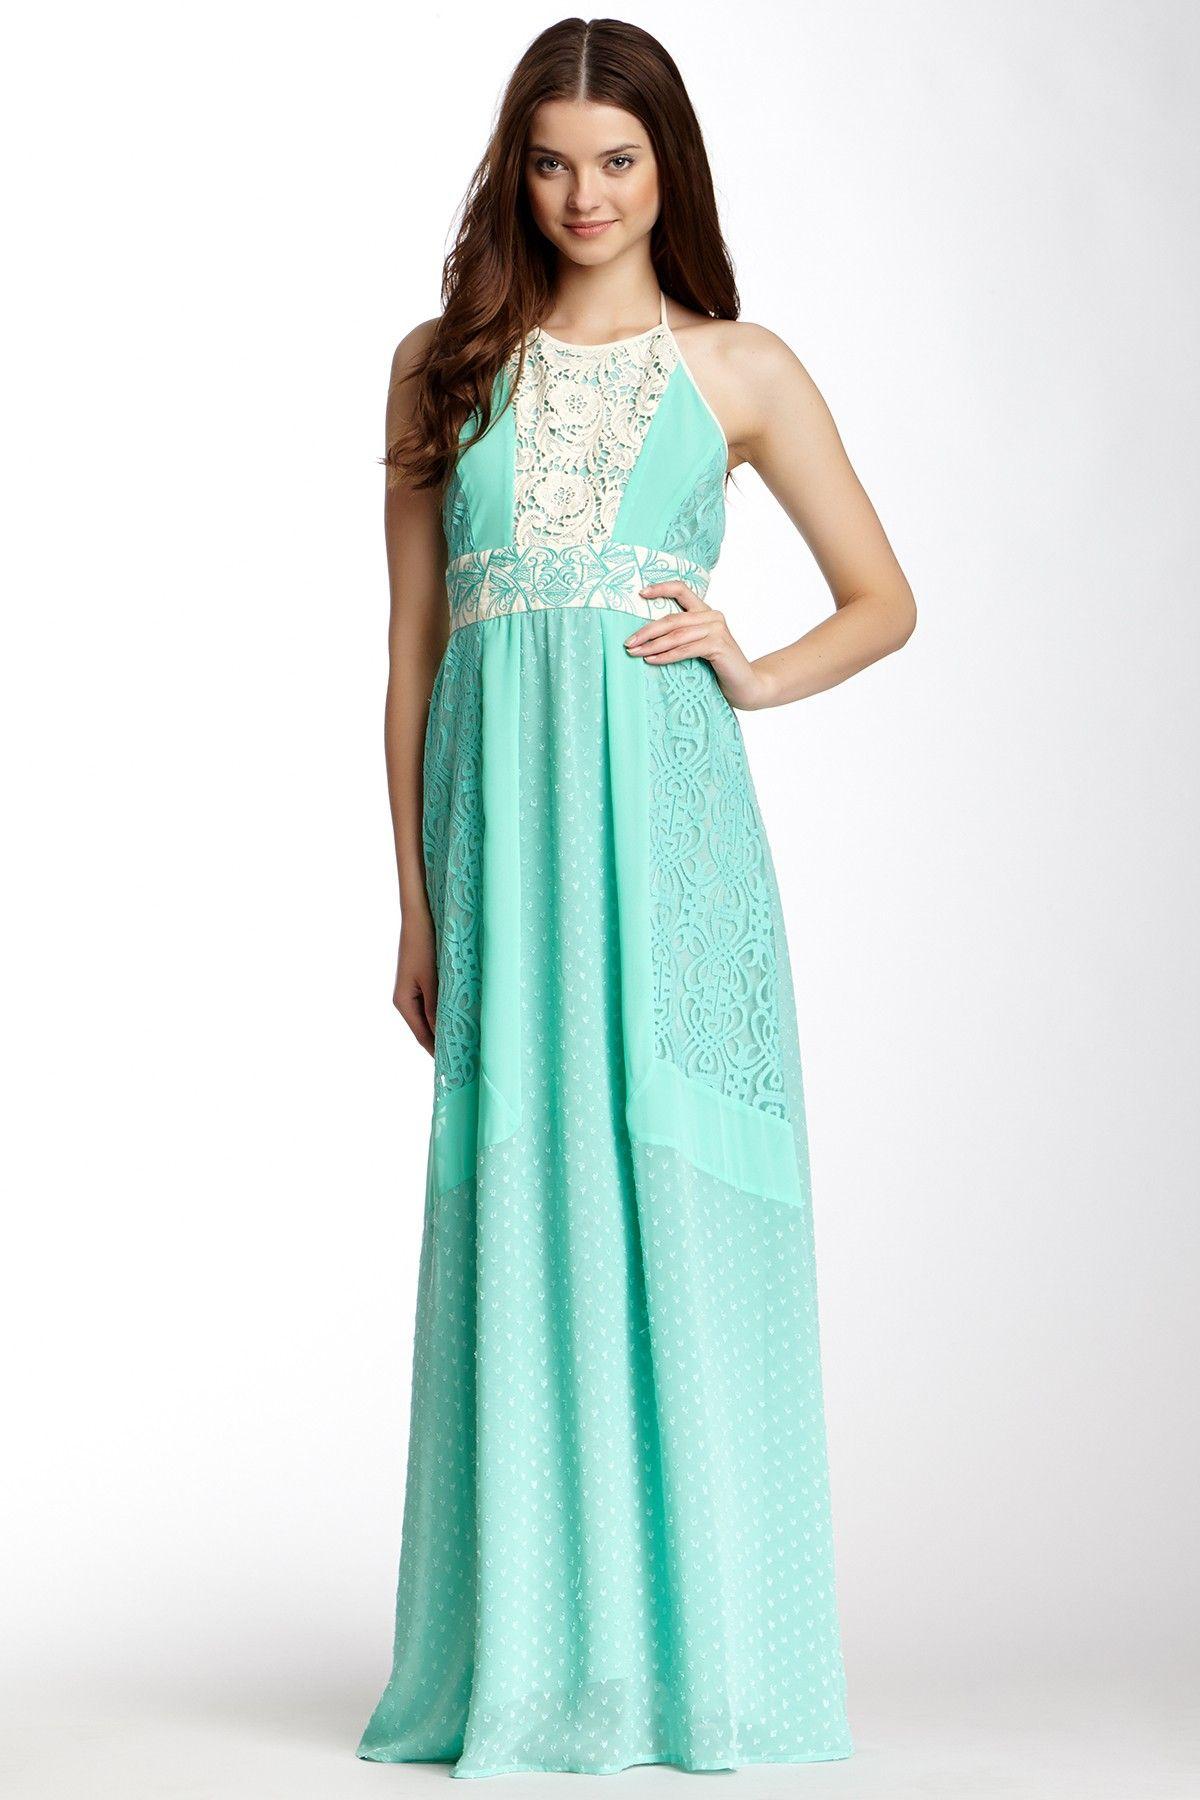 Mix halter maxi dress on hautelook style me pinterest halter